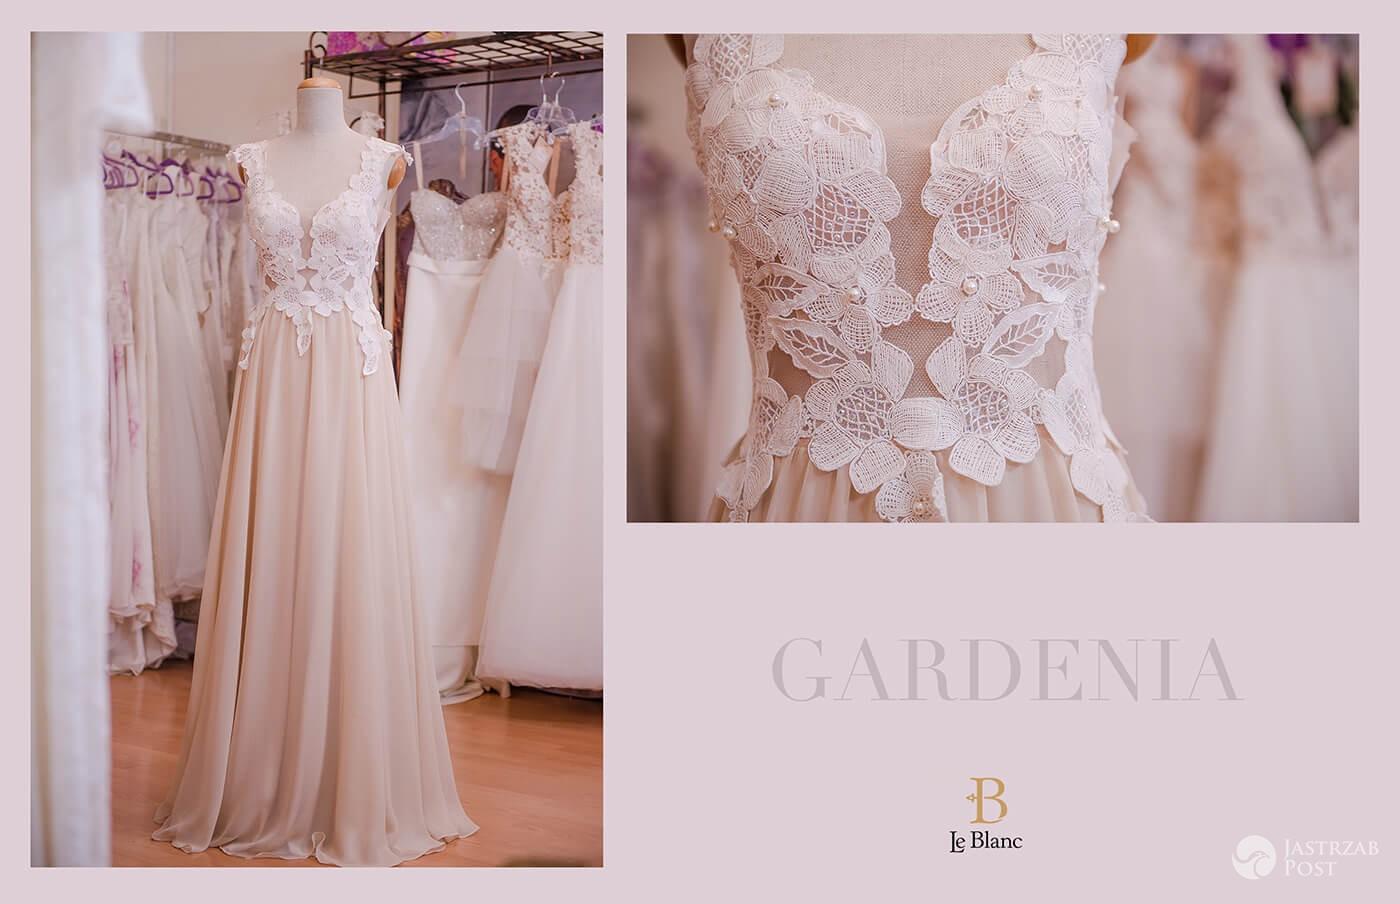 Gardena - suknia ślubna Lary Gessler